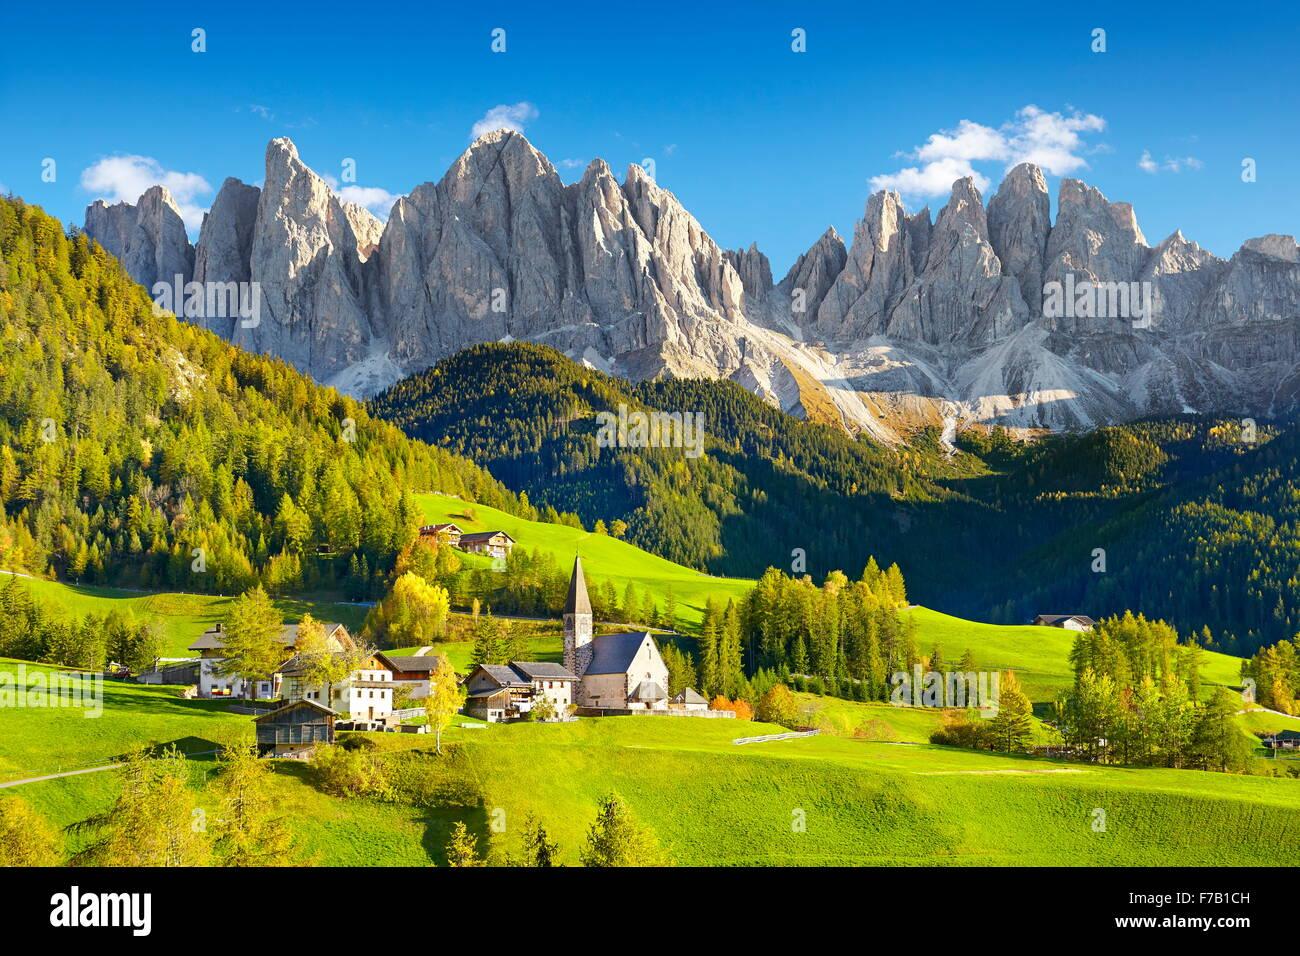 Puez Odle, Parque de la naturaleza de las montañas Dolomitas, Alpes, Tirol del Sur, Italia Imagen De Stock